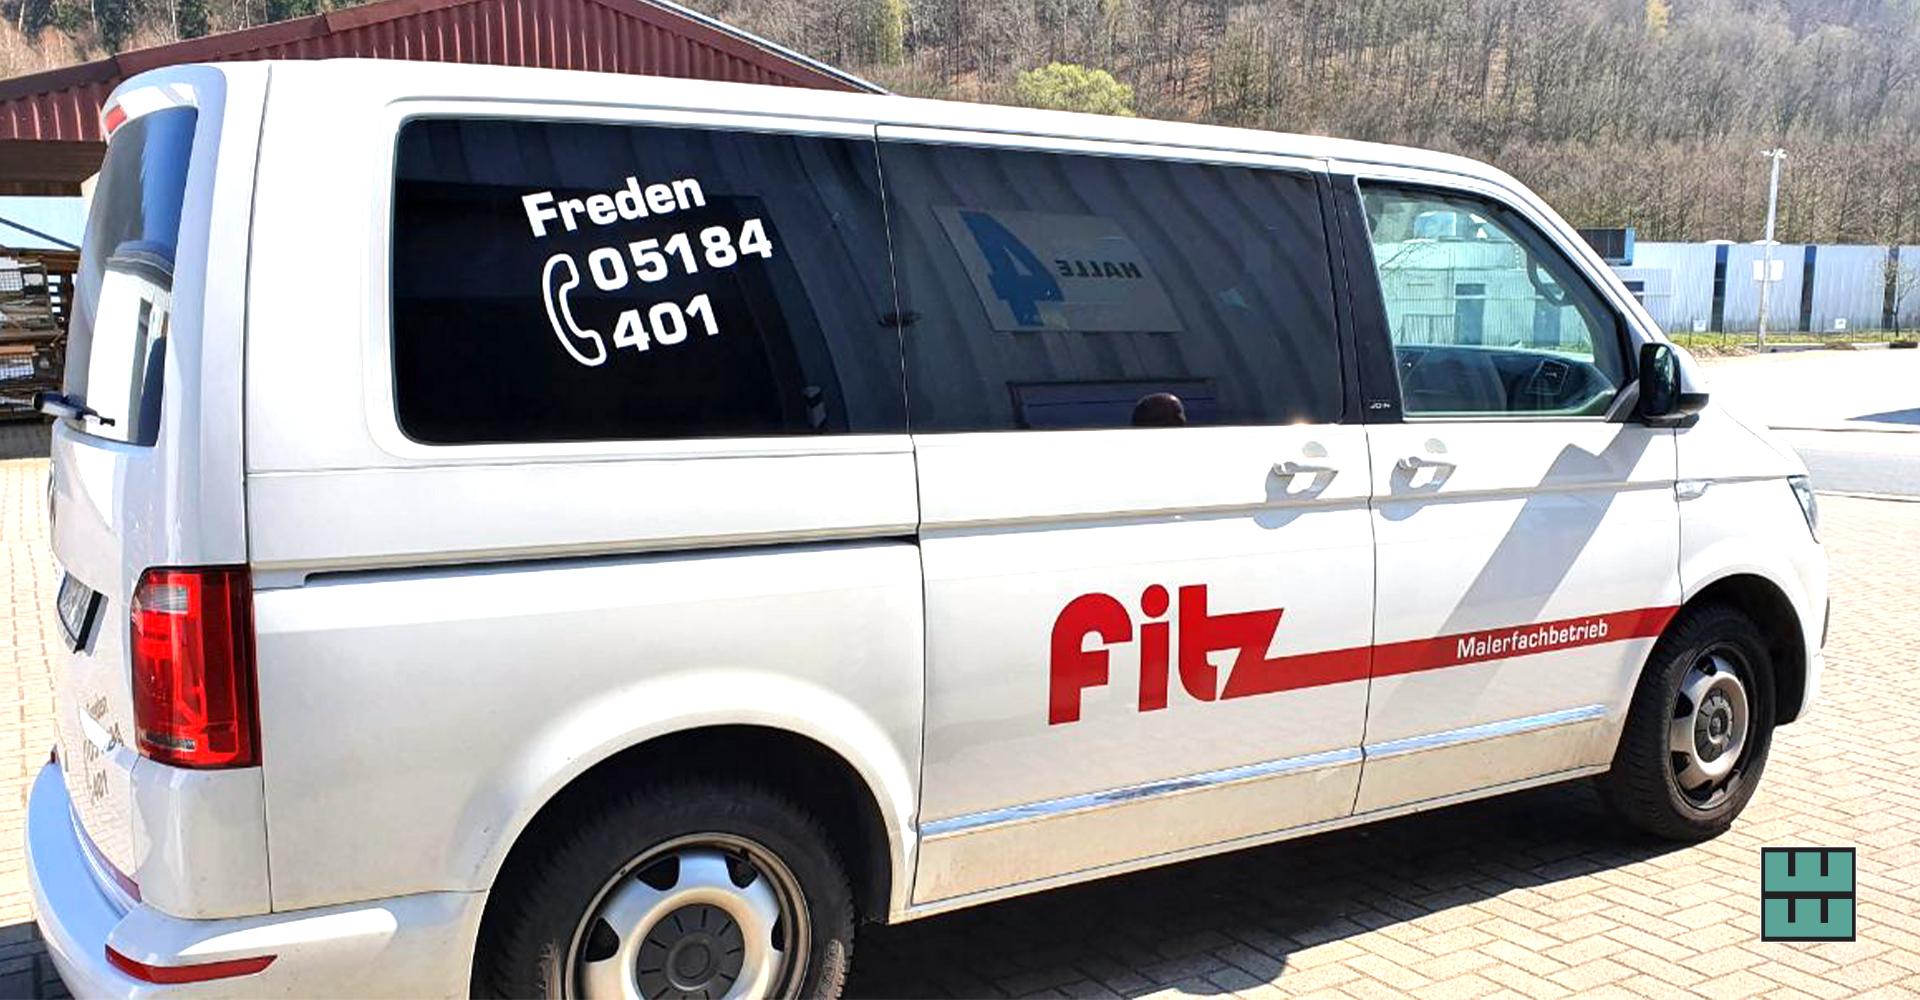 Seit letzter Woche sieht man den Malerfachbetrieb Fitz aus Freden mit neuer KFZ-Beschriftung!